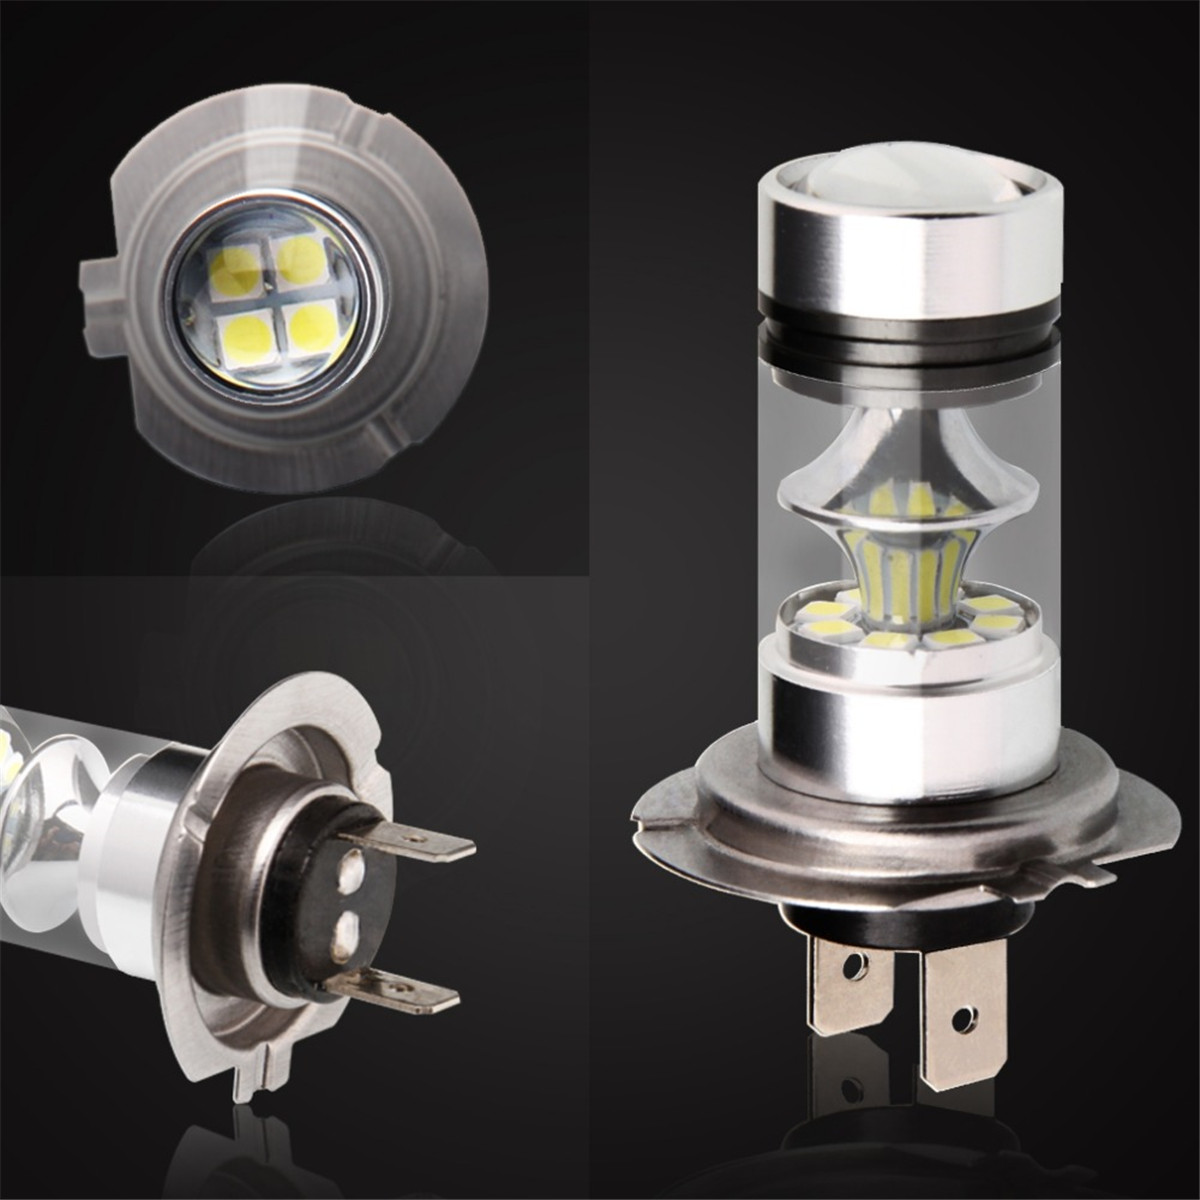 1PCS Car LED Headlight H4 H7 H8 H11 LED Bulb 100W 9005 9006 1156 LED Auto Lamps 3030 Chip White 6000K Bulbs Led Bulbs For Cars